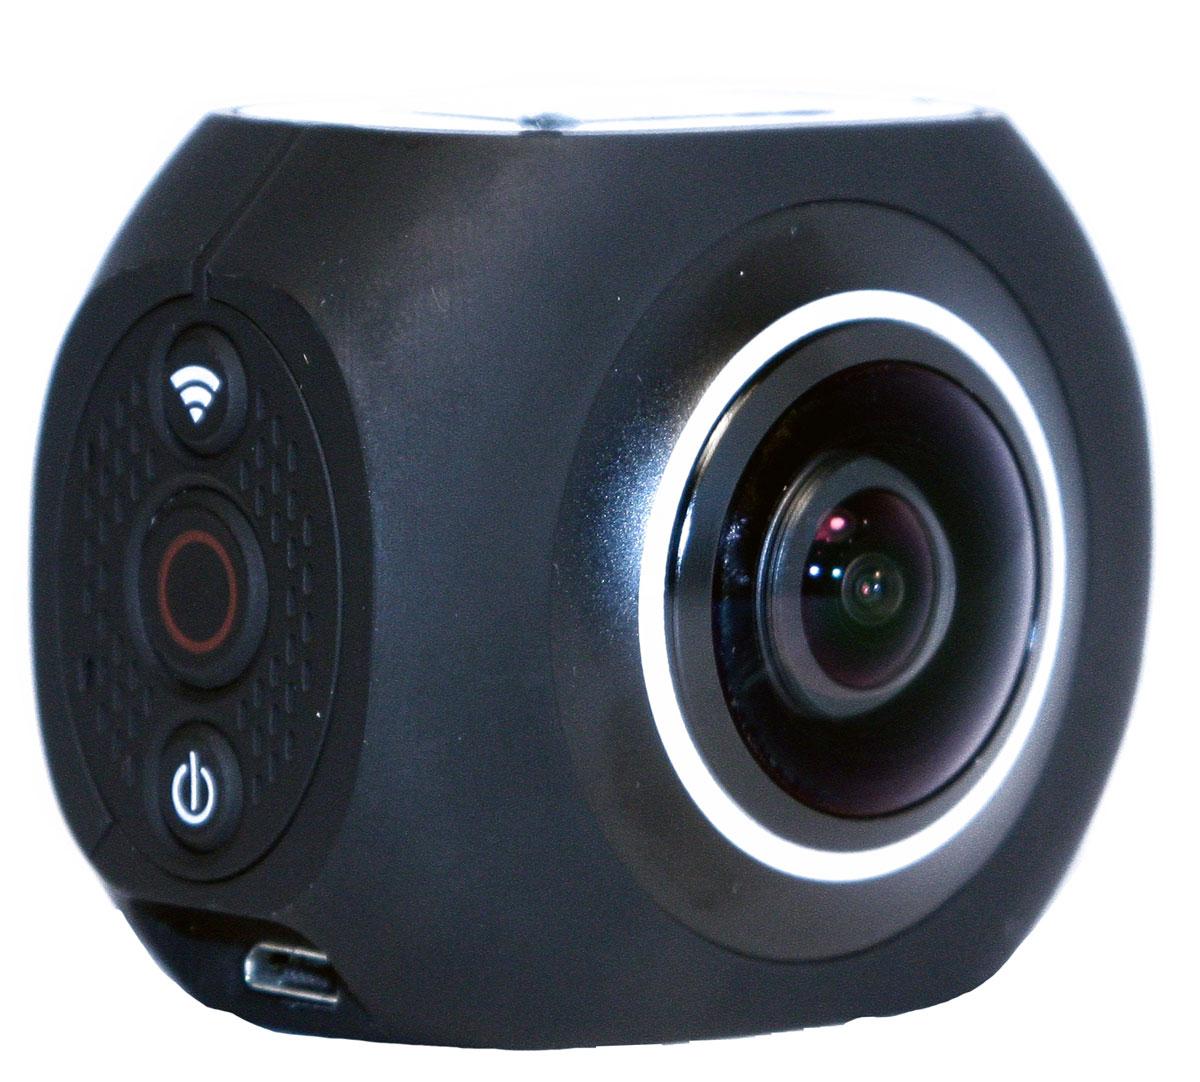 лучшая цена Экшн-камера X-Try XTC360 FullHD + Remote